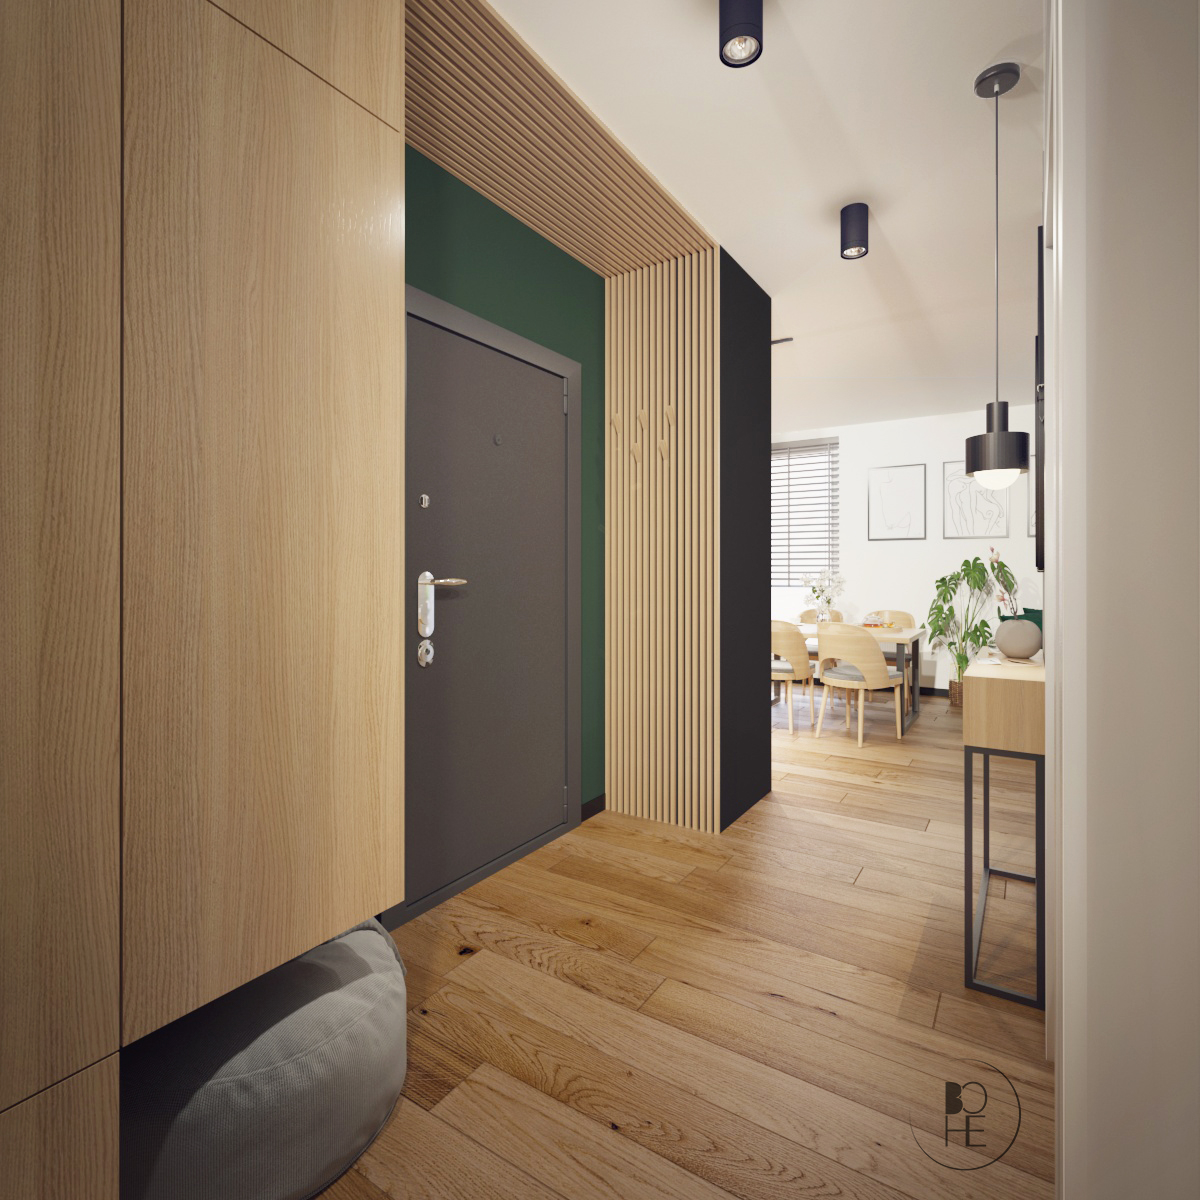 biuro architektoniczne Łódź korytarz z wysoką zabudową